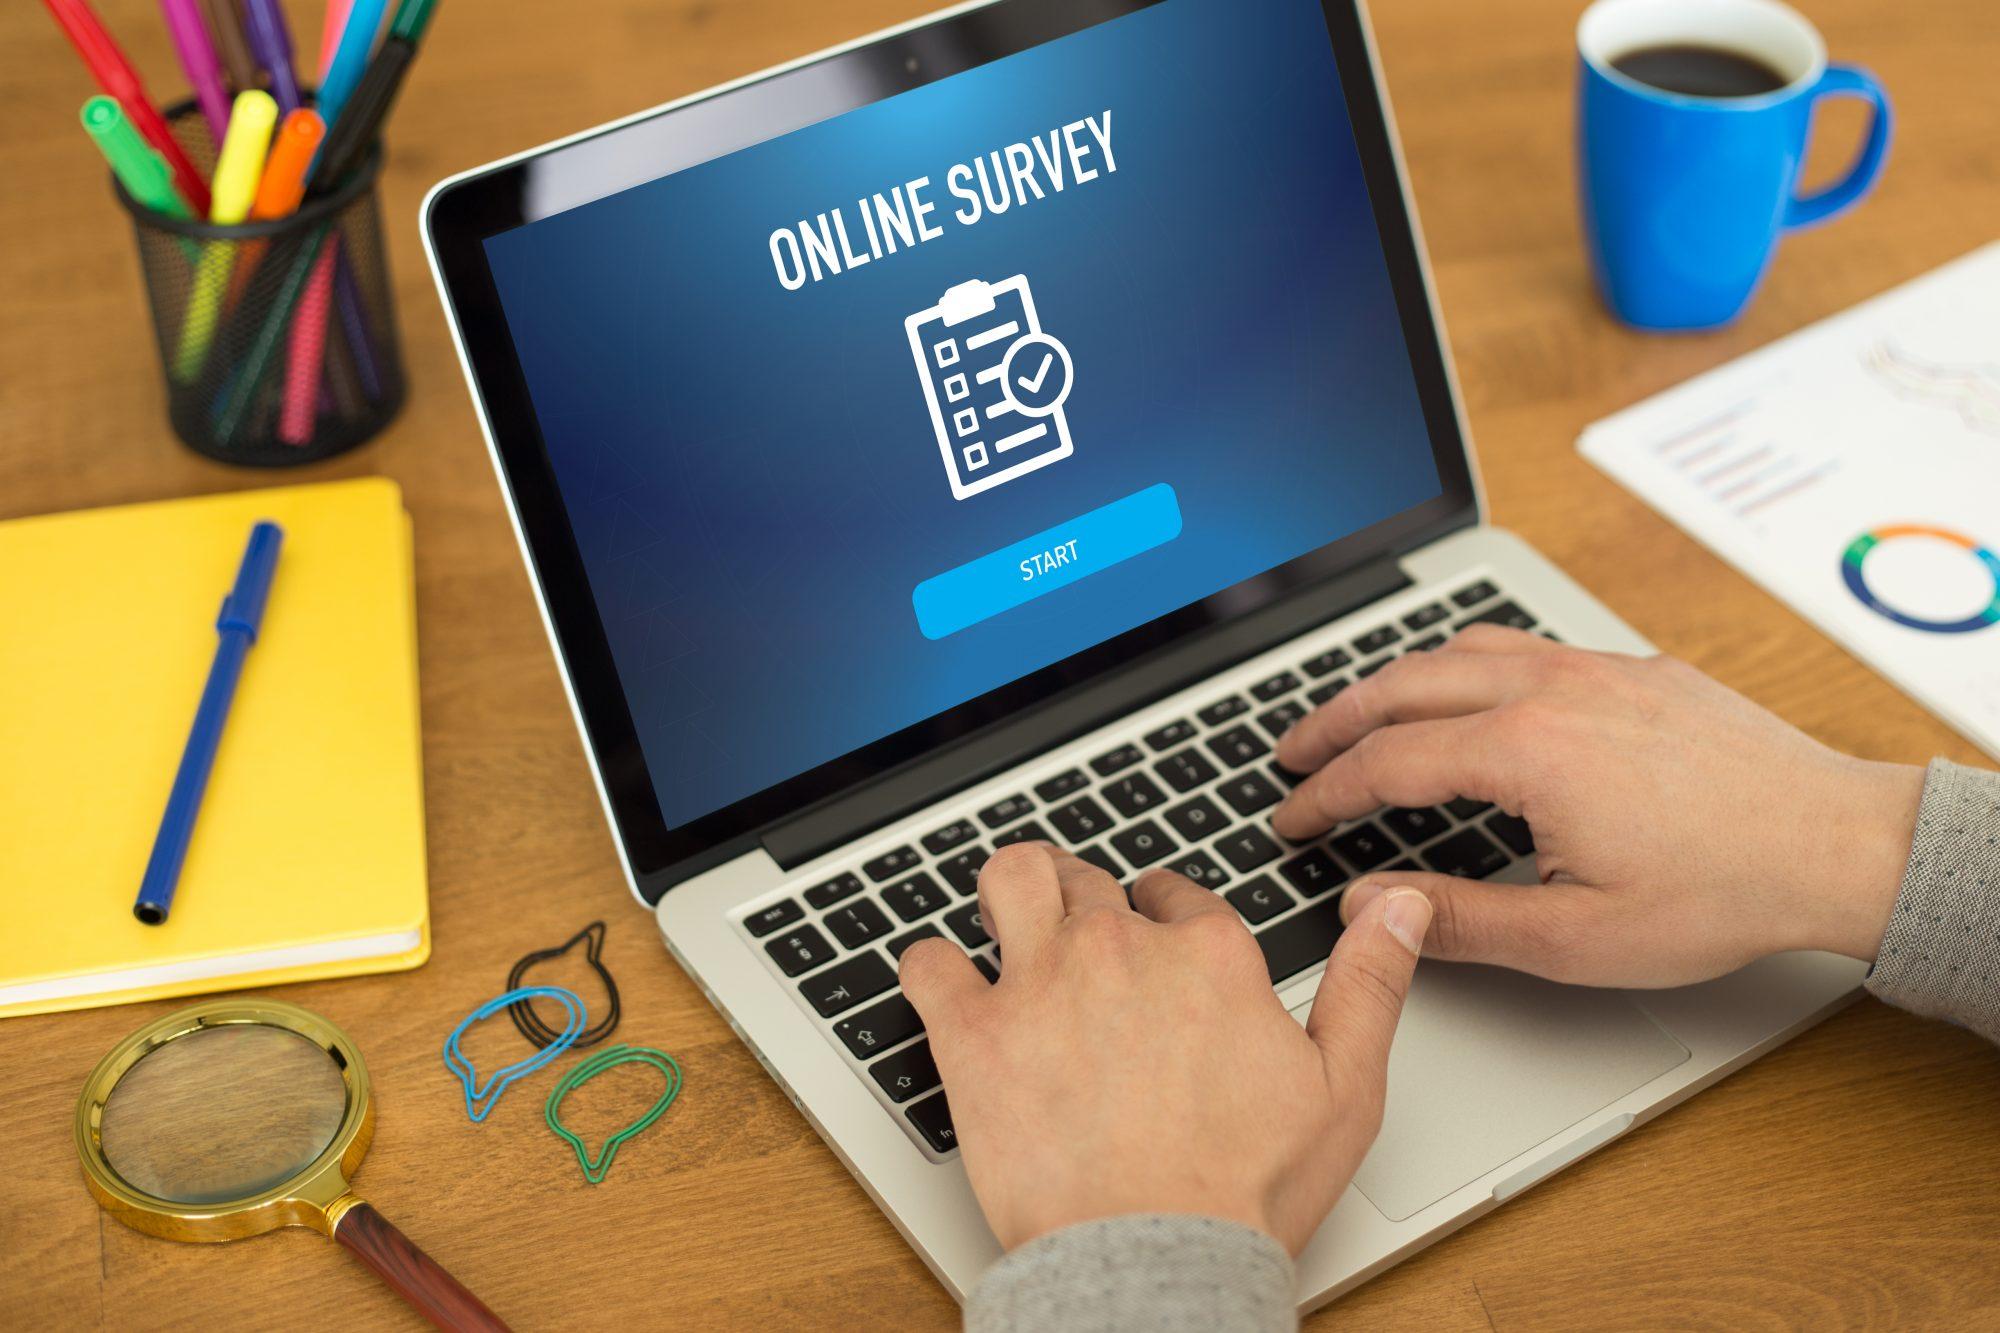 【実践事例】カウンセリングのオンライン化によって拓けた可能性